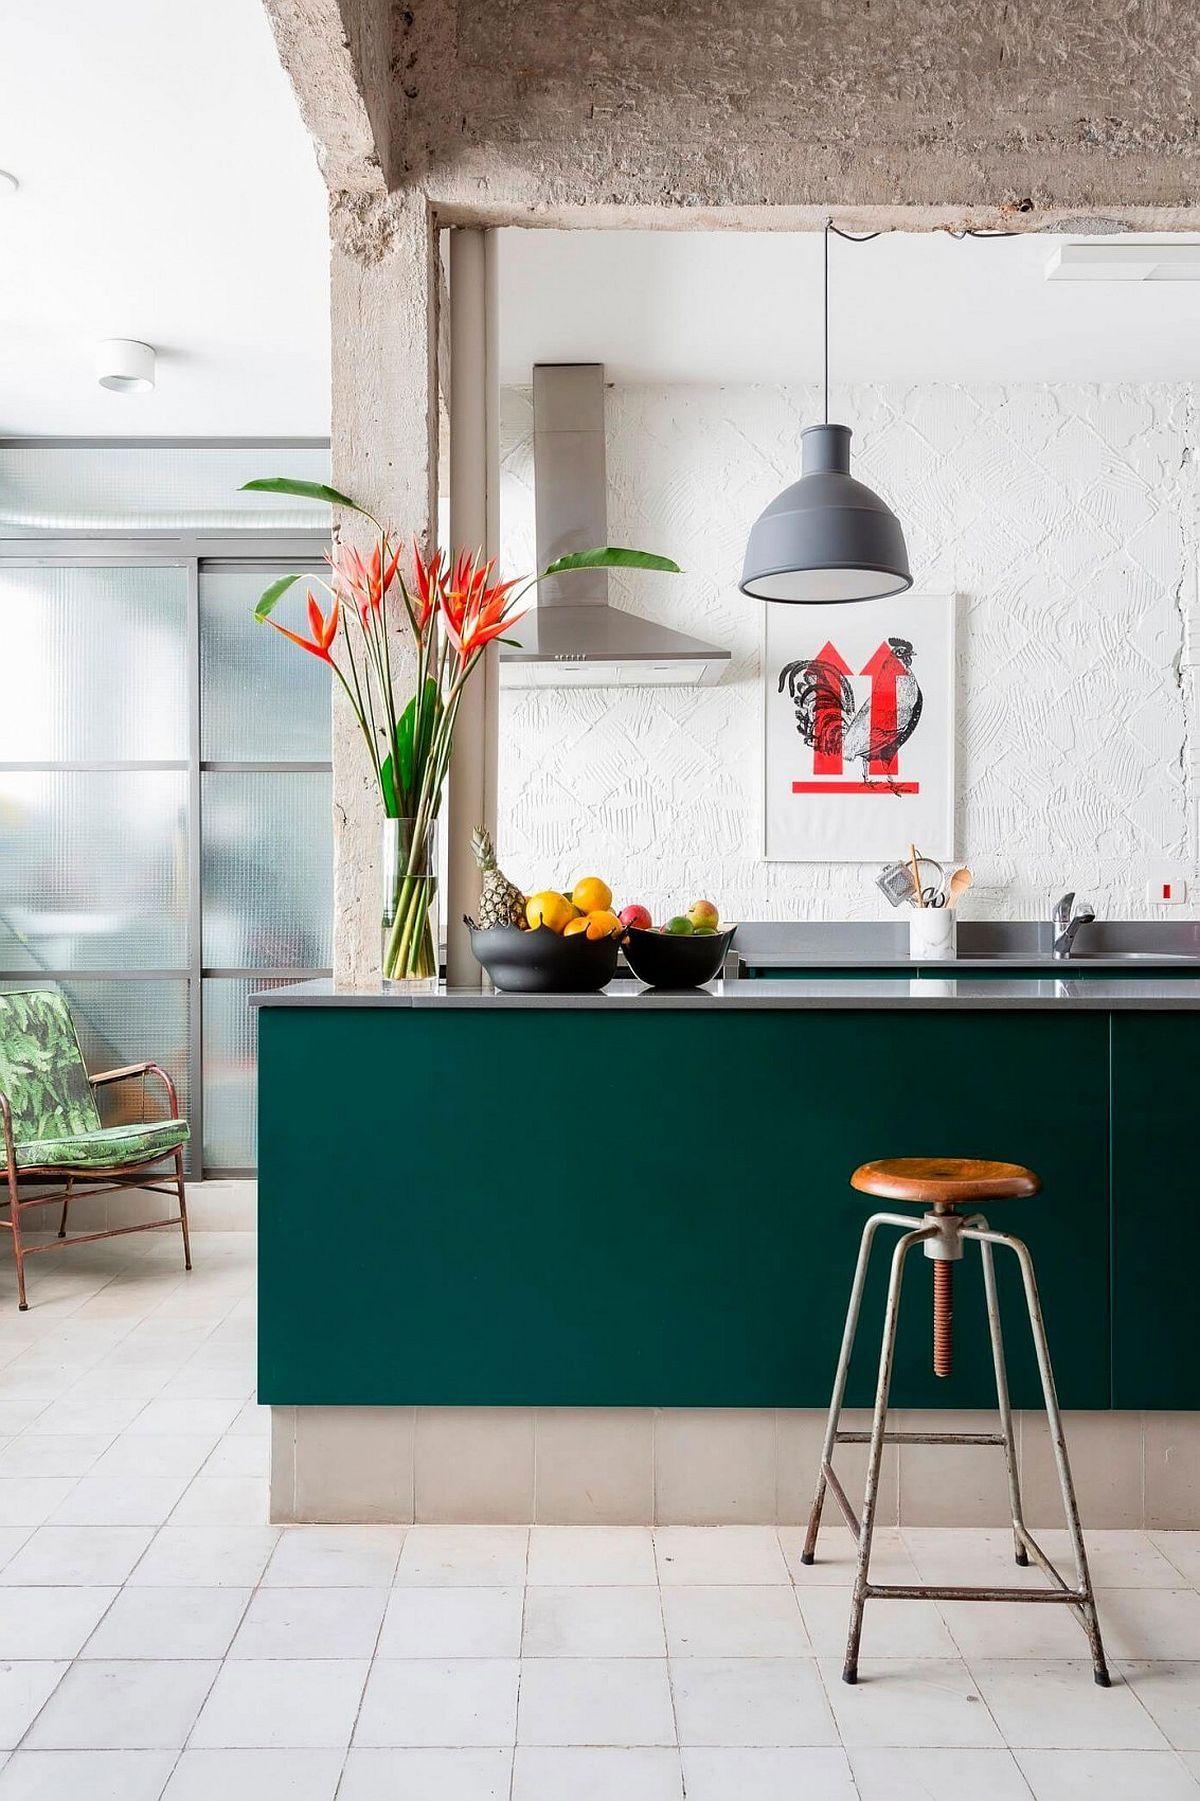 ppiges gr n und farbenfrohes vergn gen verflechten sich in einer tollen wohnung in s o paulo. Black Bedroom Furniture Sets. Home Design Ideas